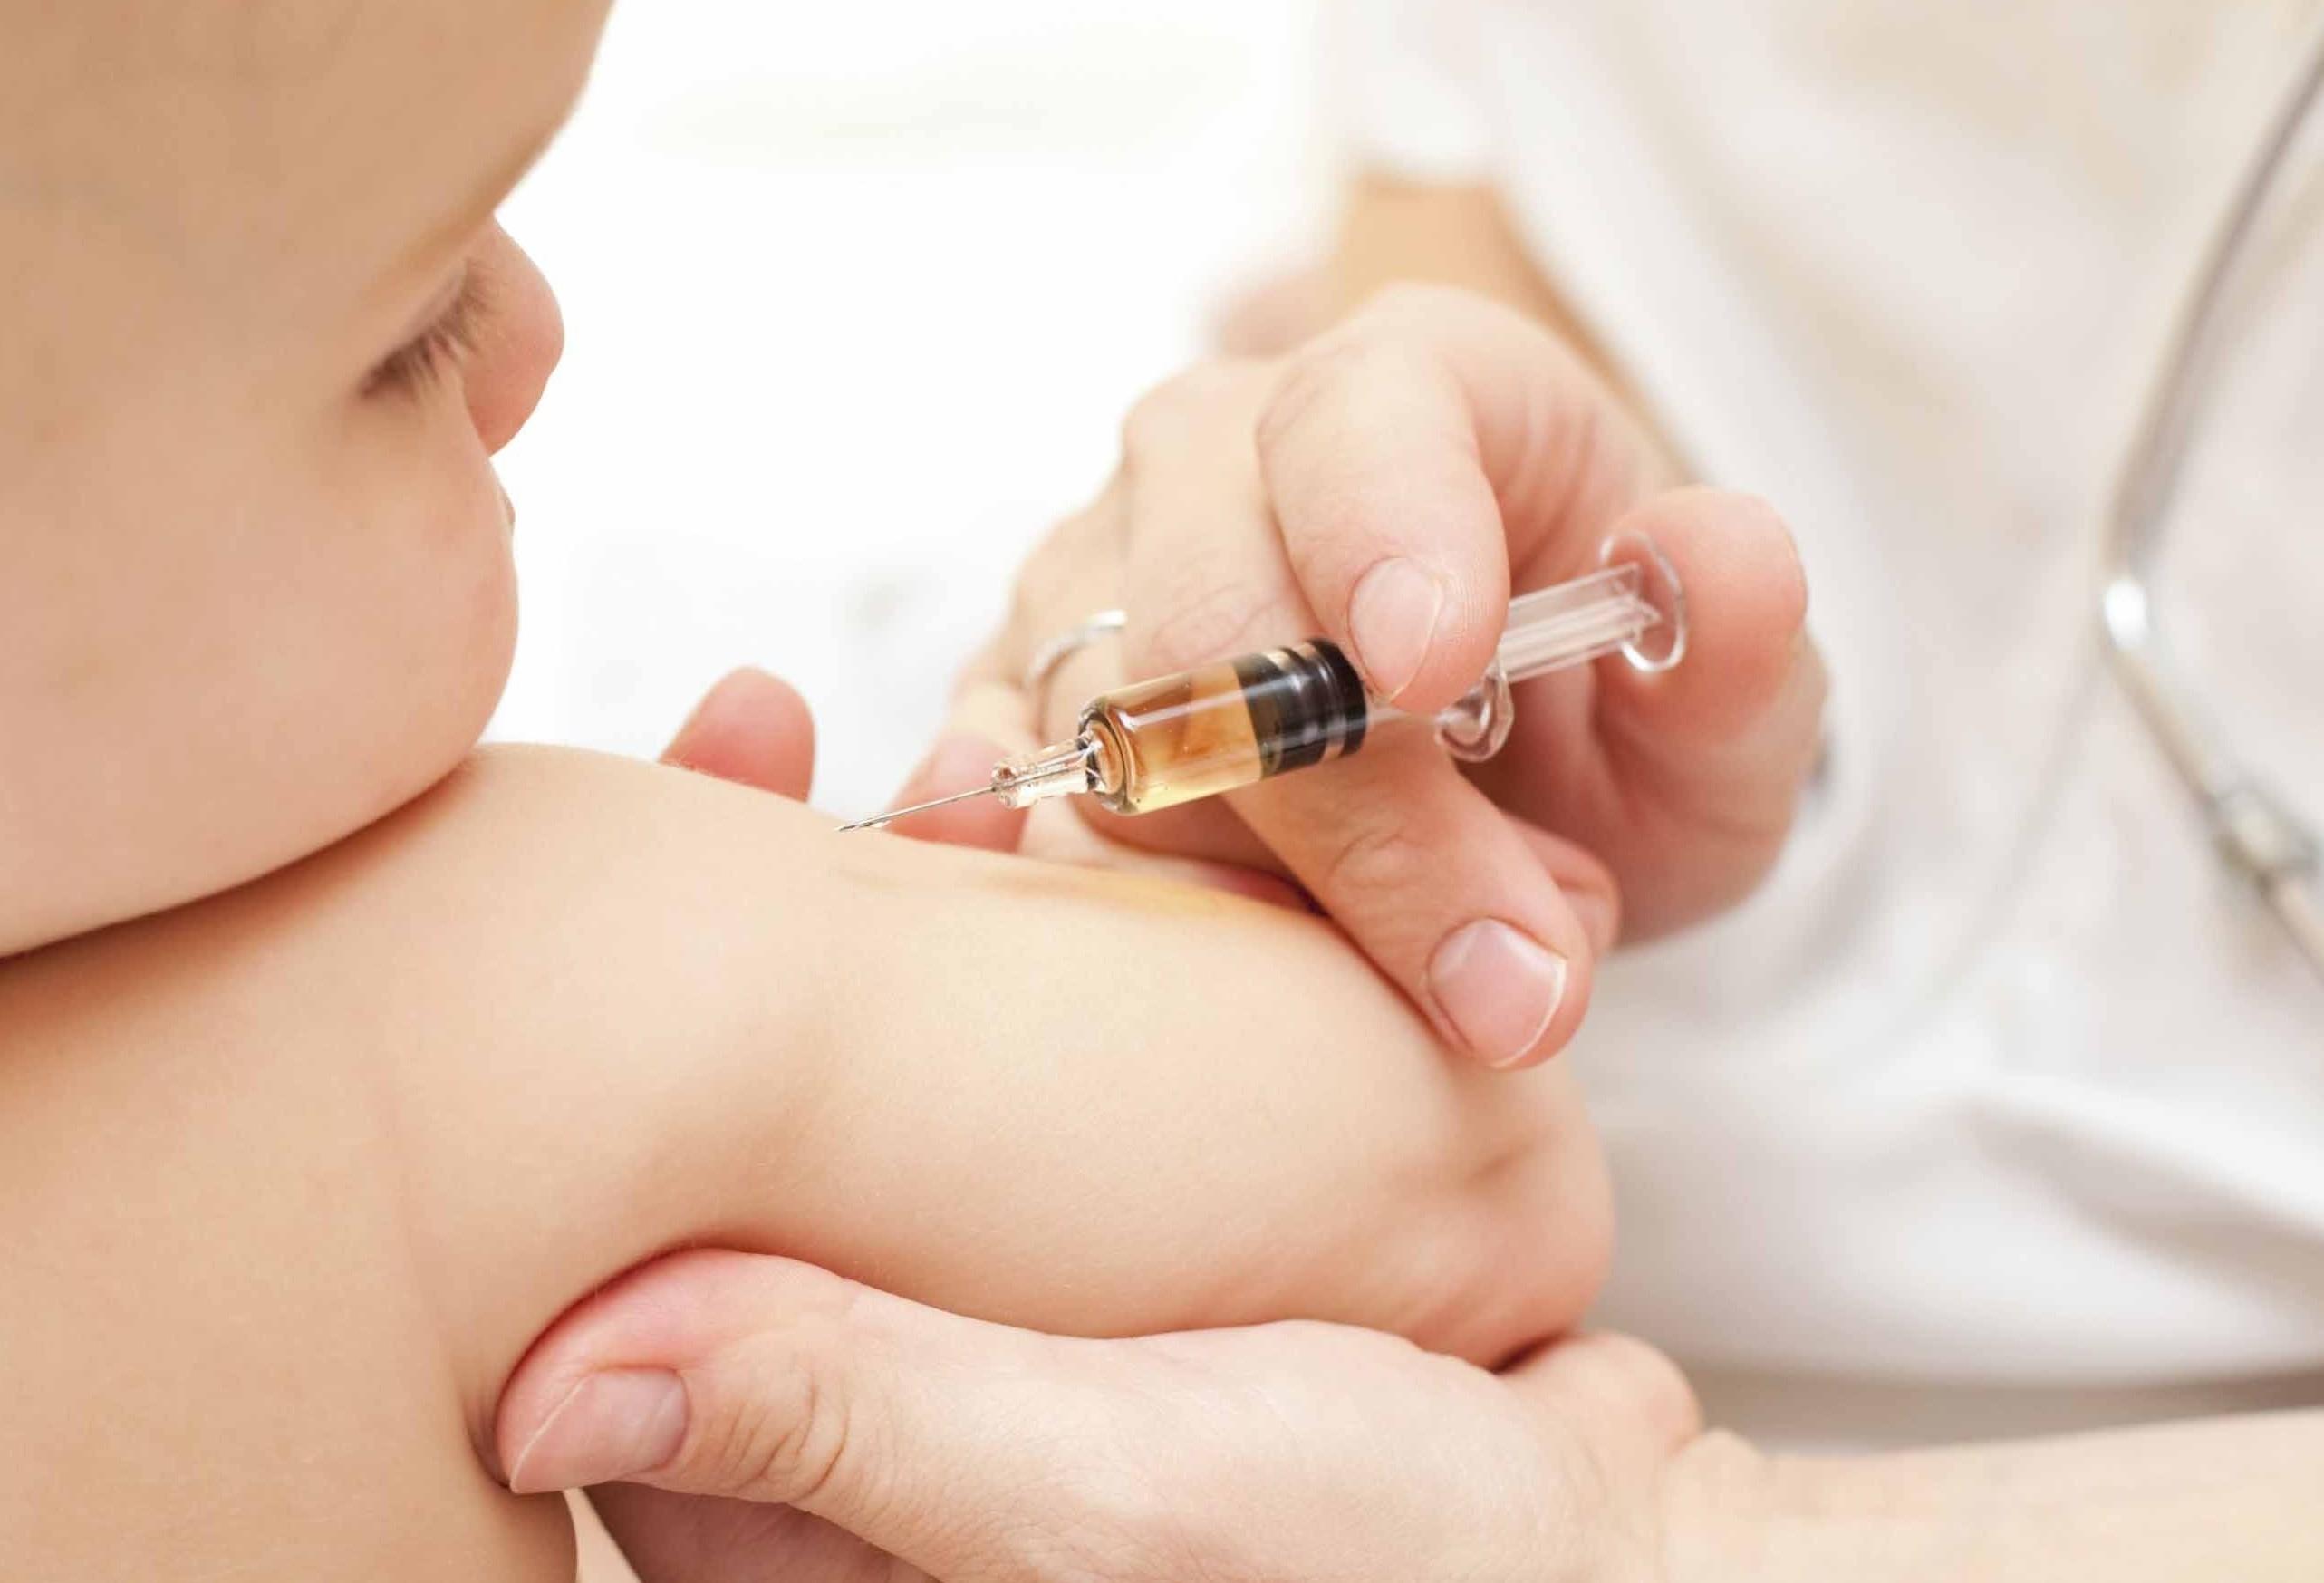 Risarcimento danni da vaccini non obbligatori, Cass. n. 27101/2018